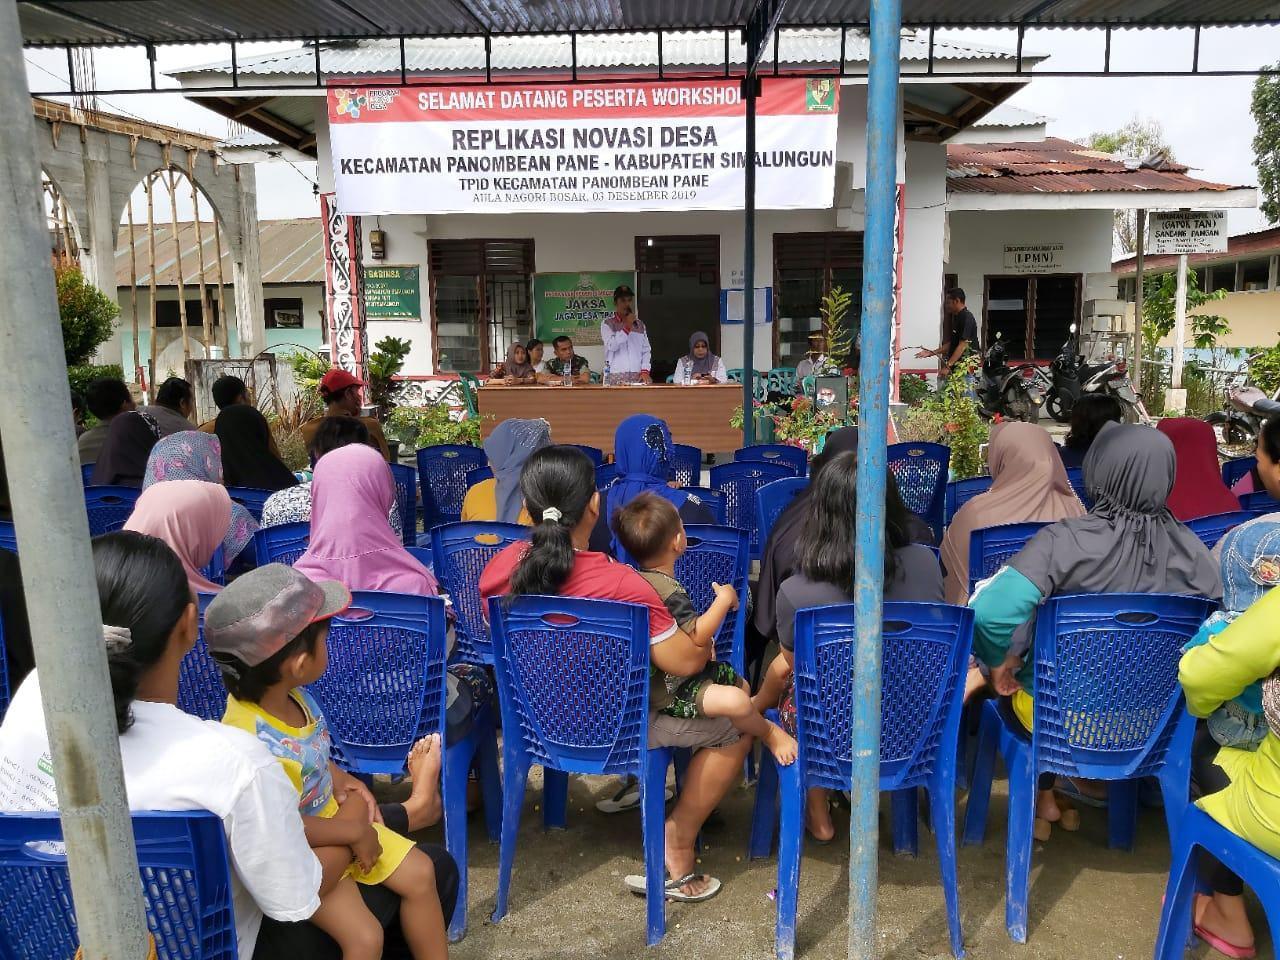 Replikasi Inovasi Desa, Komitmen Desa Dalam Pembangunan